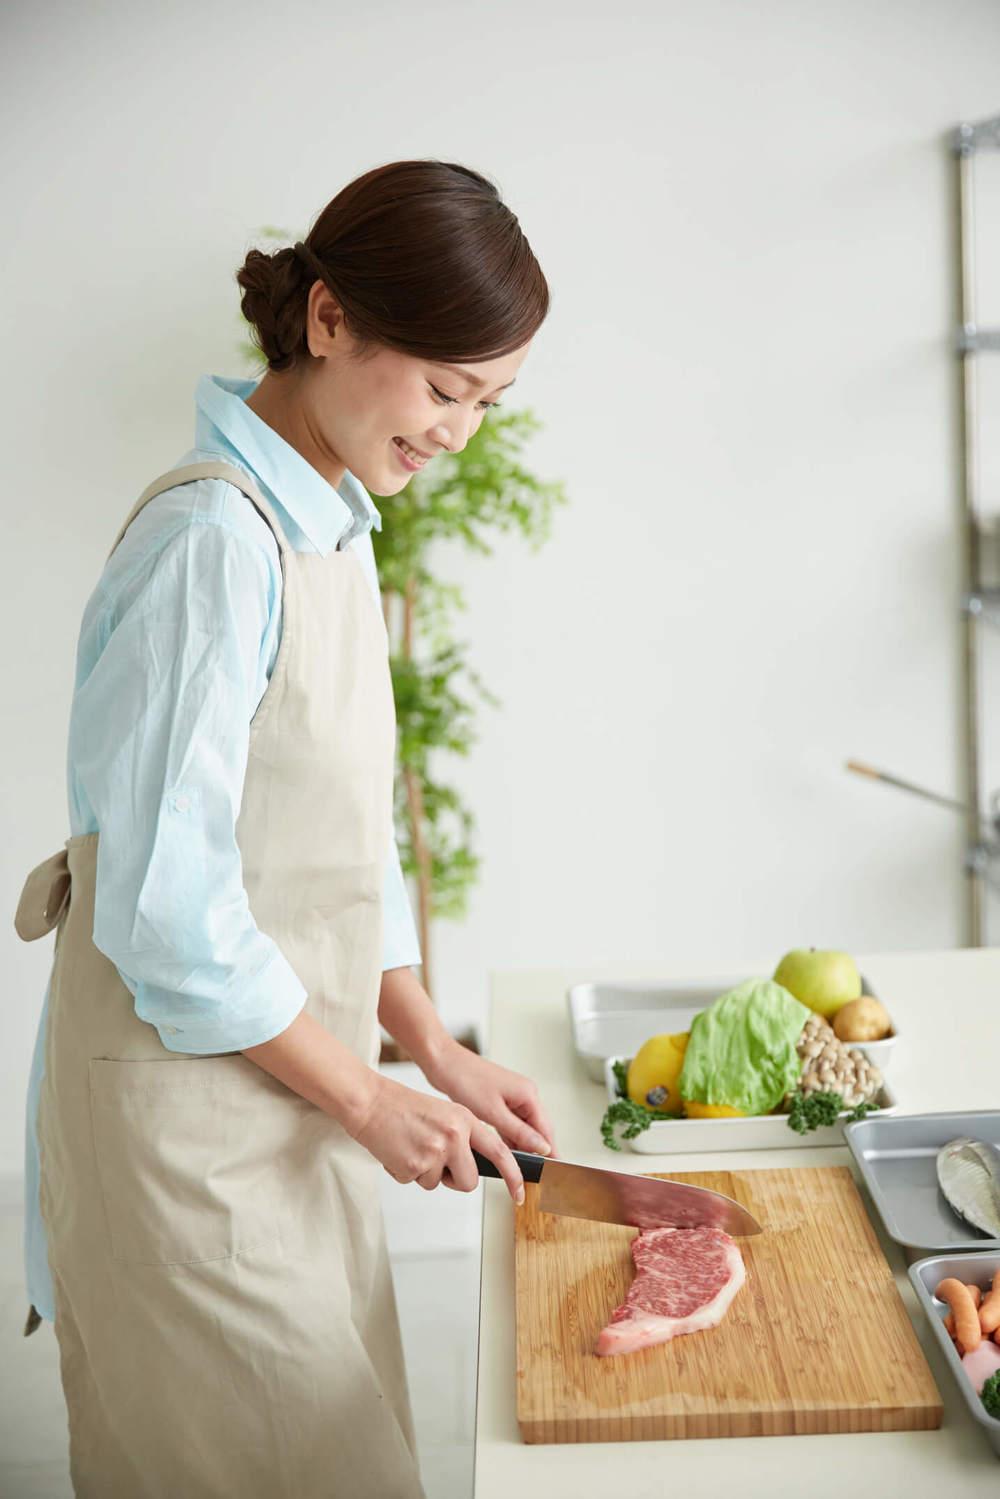 ステーキを調理する女性